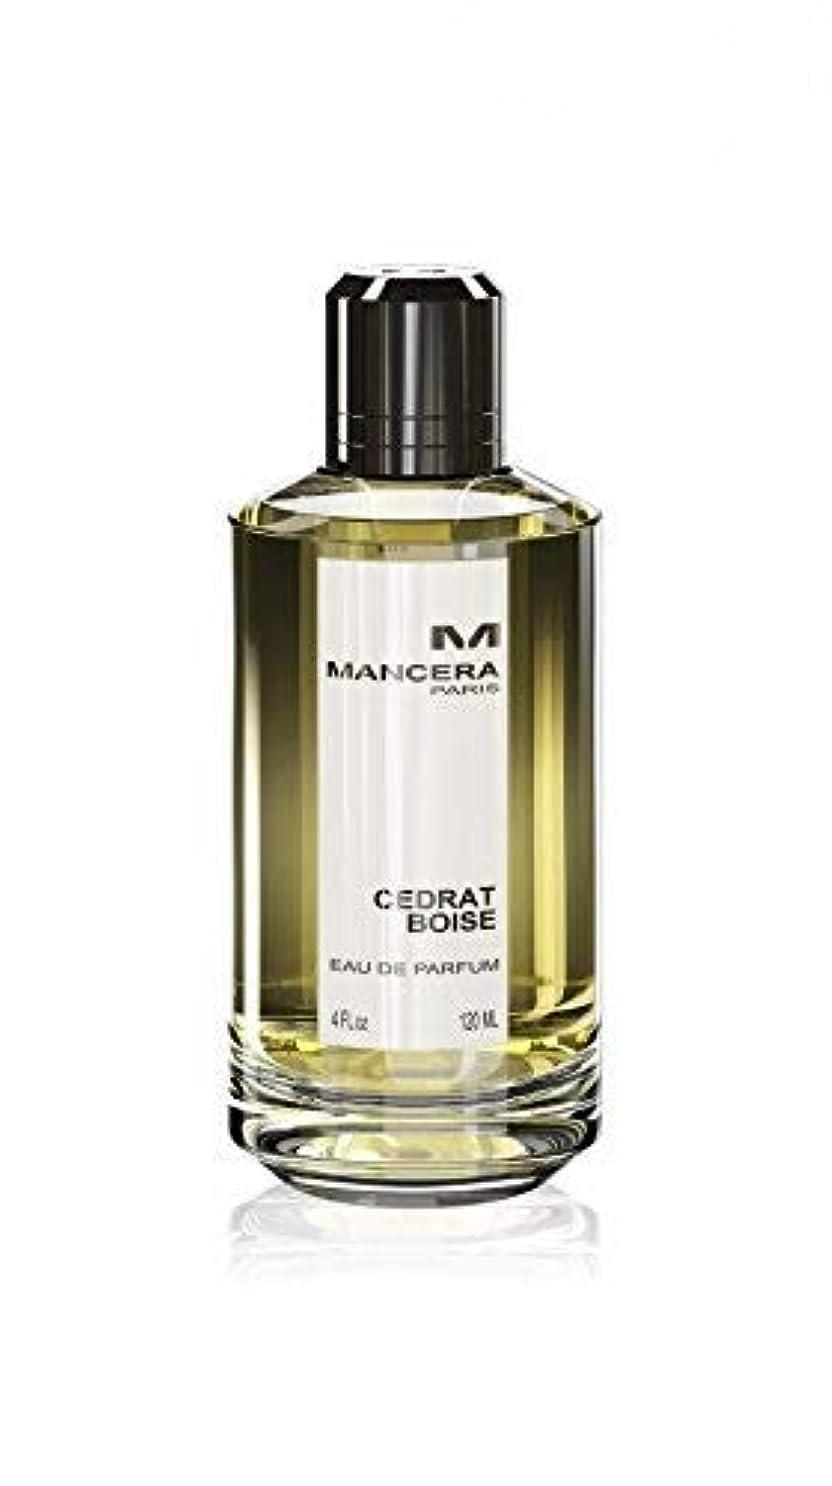 避ける誇張する自宅で100% Authentic MANCERA Cedrat Boise Eau de Perfume 120ml Made in France + 2 Mancera Samples + 30ml Skincare?/ 120ミリリットル+ 2個のManceraサンプル+ 30ミリリットルのスキンケアフランス製100%本物MANCERA Cedratボイジーオー?ド?香水